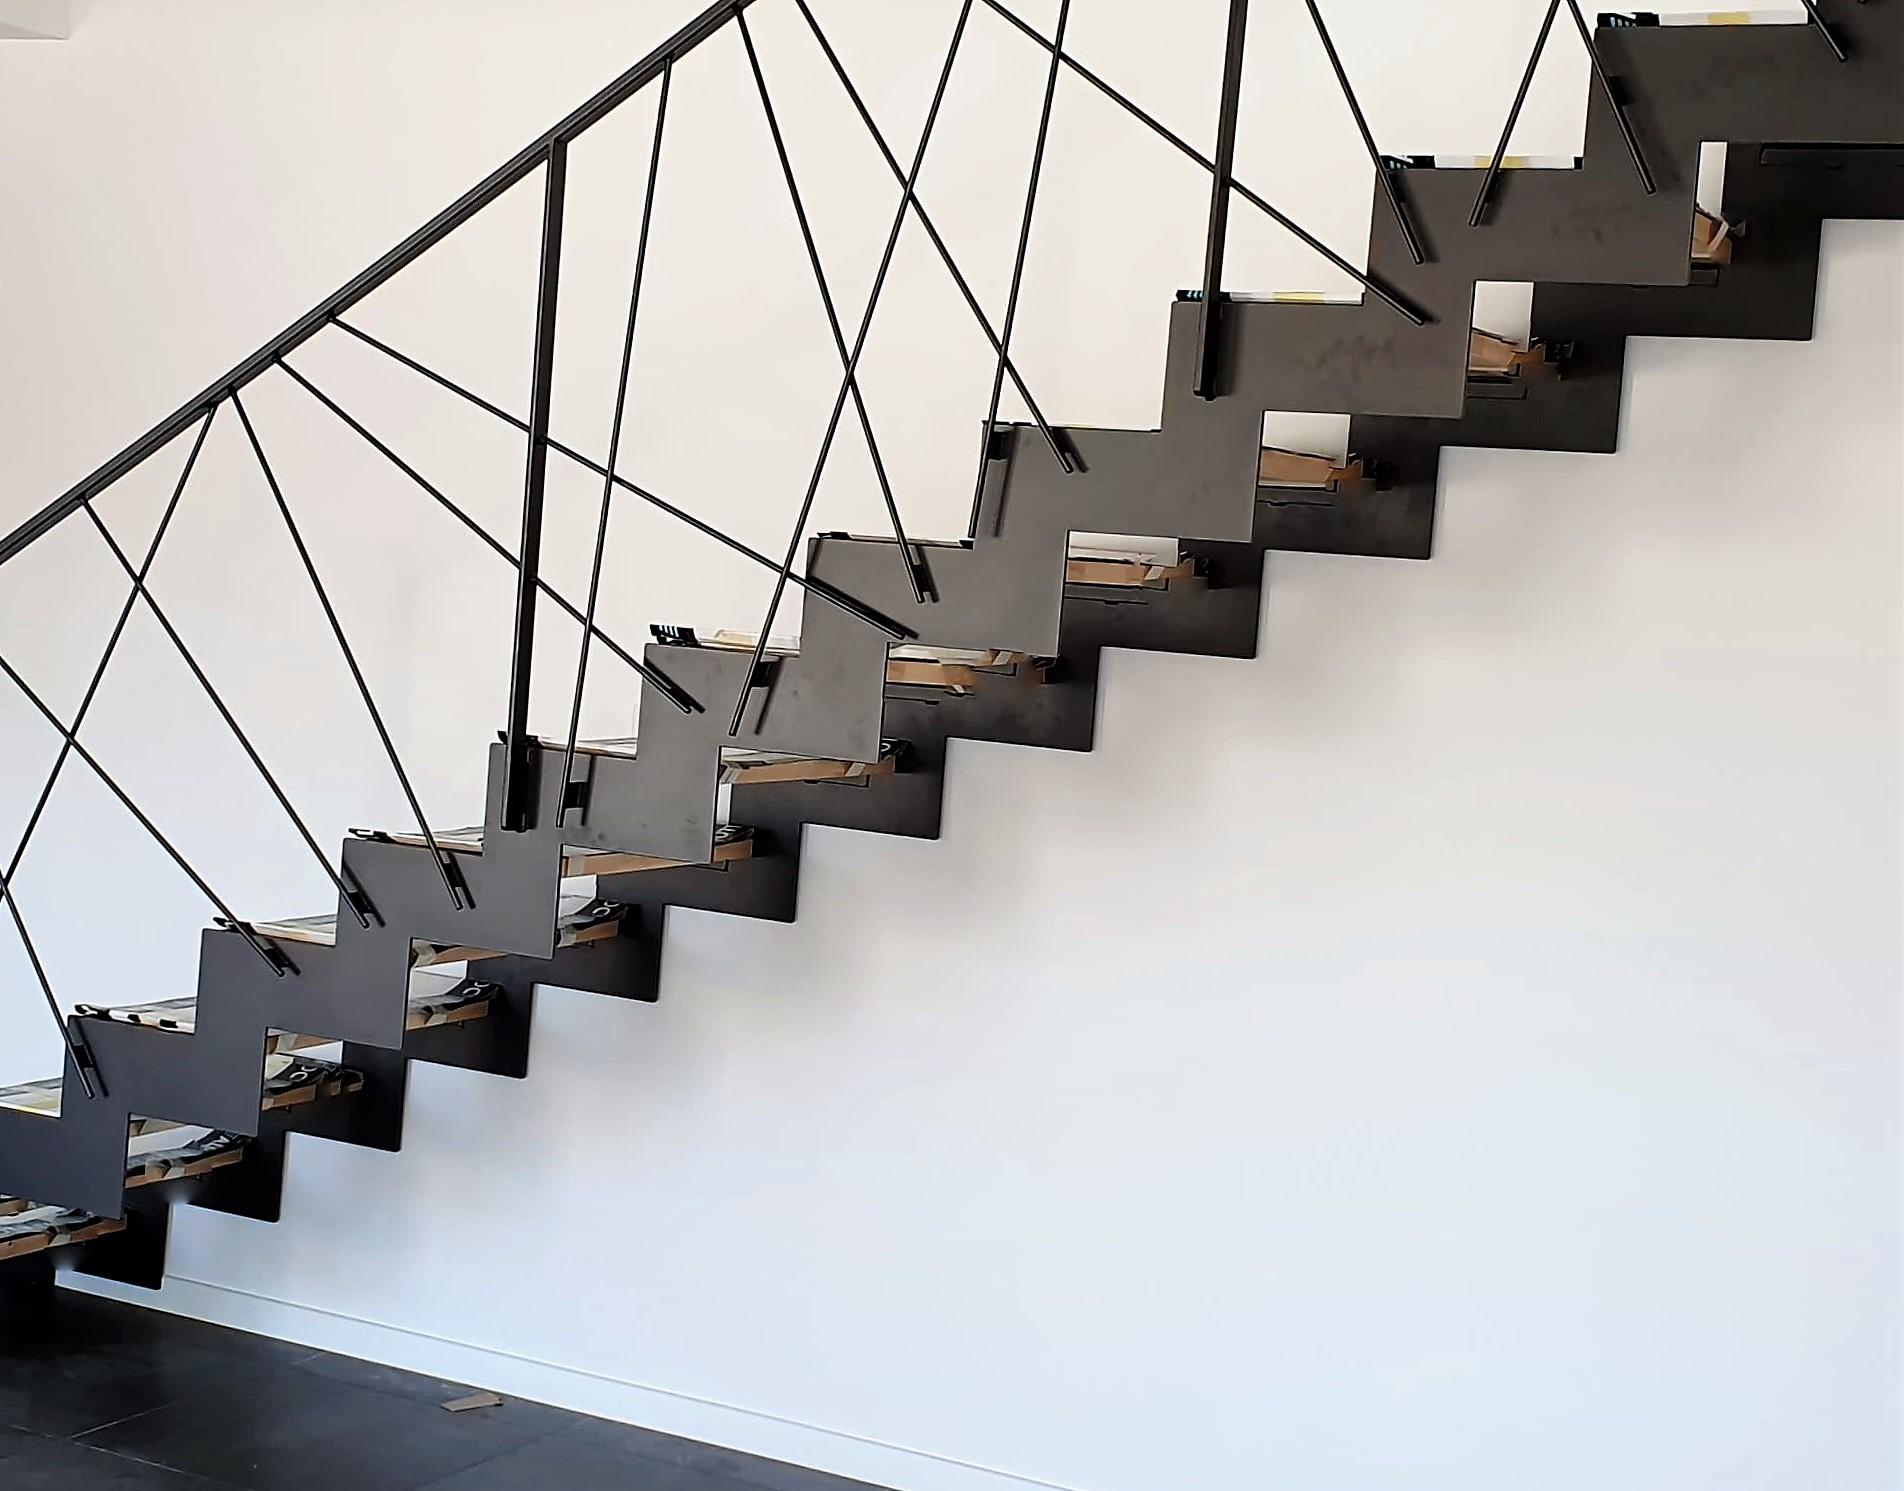 Escalier métallique crémaillère Fer et Tendance